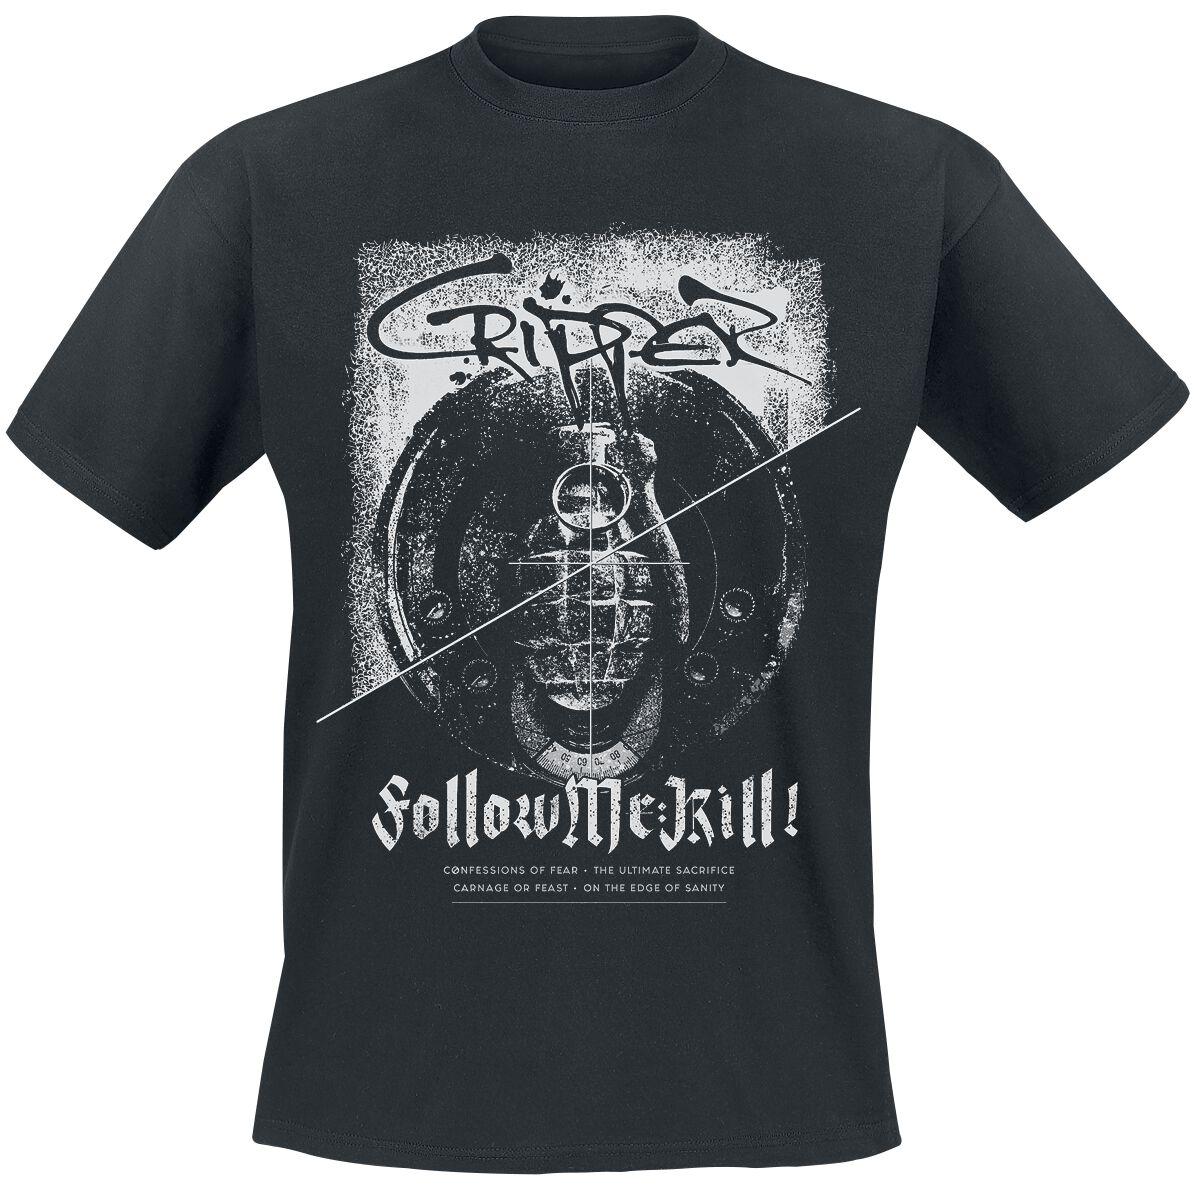 Zespoły - Koszulki - T-Shirt Cripper Follow me: Kill! T-Shirt czarny - 362402